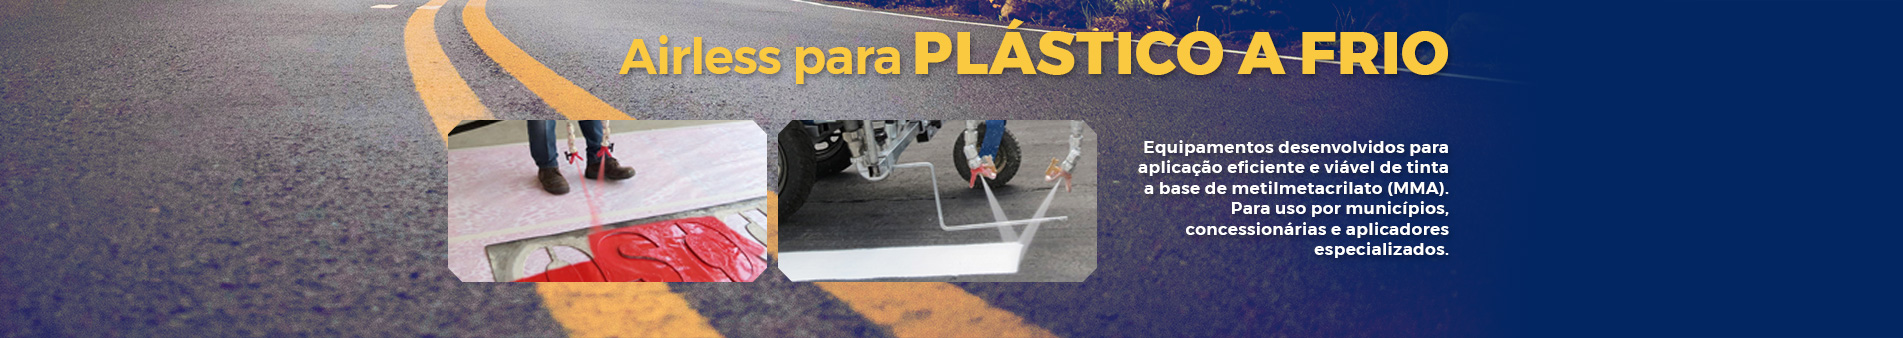 Job_1496_BANNER-SITE-Plástico-a-Frio